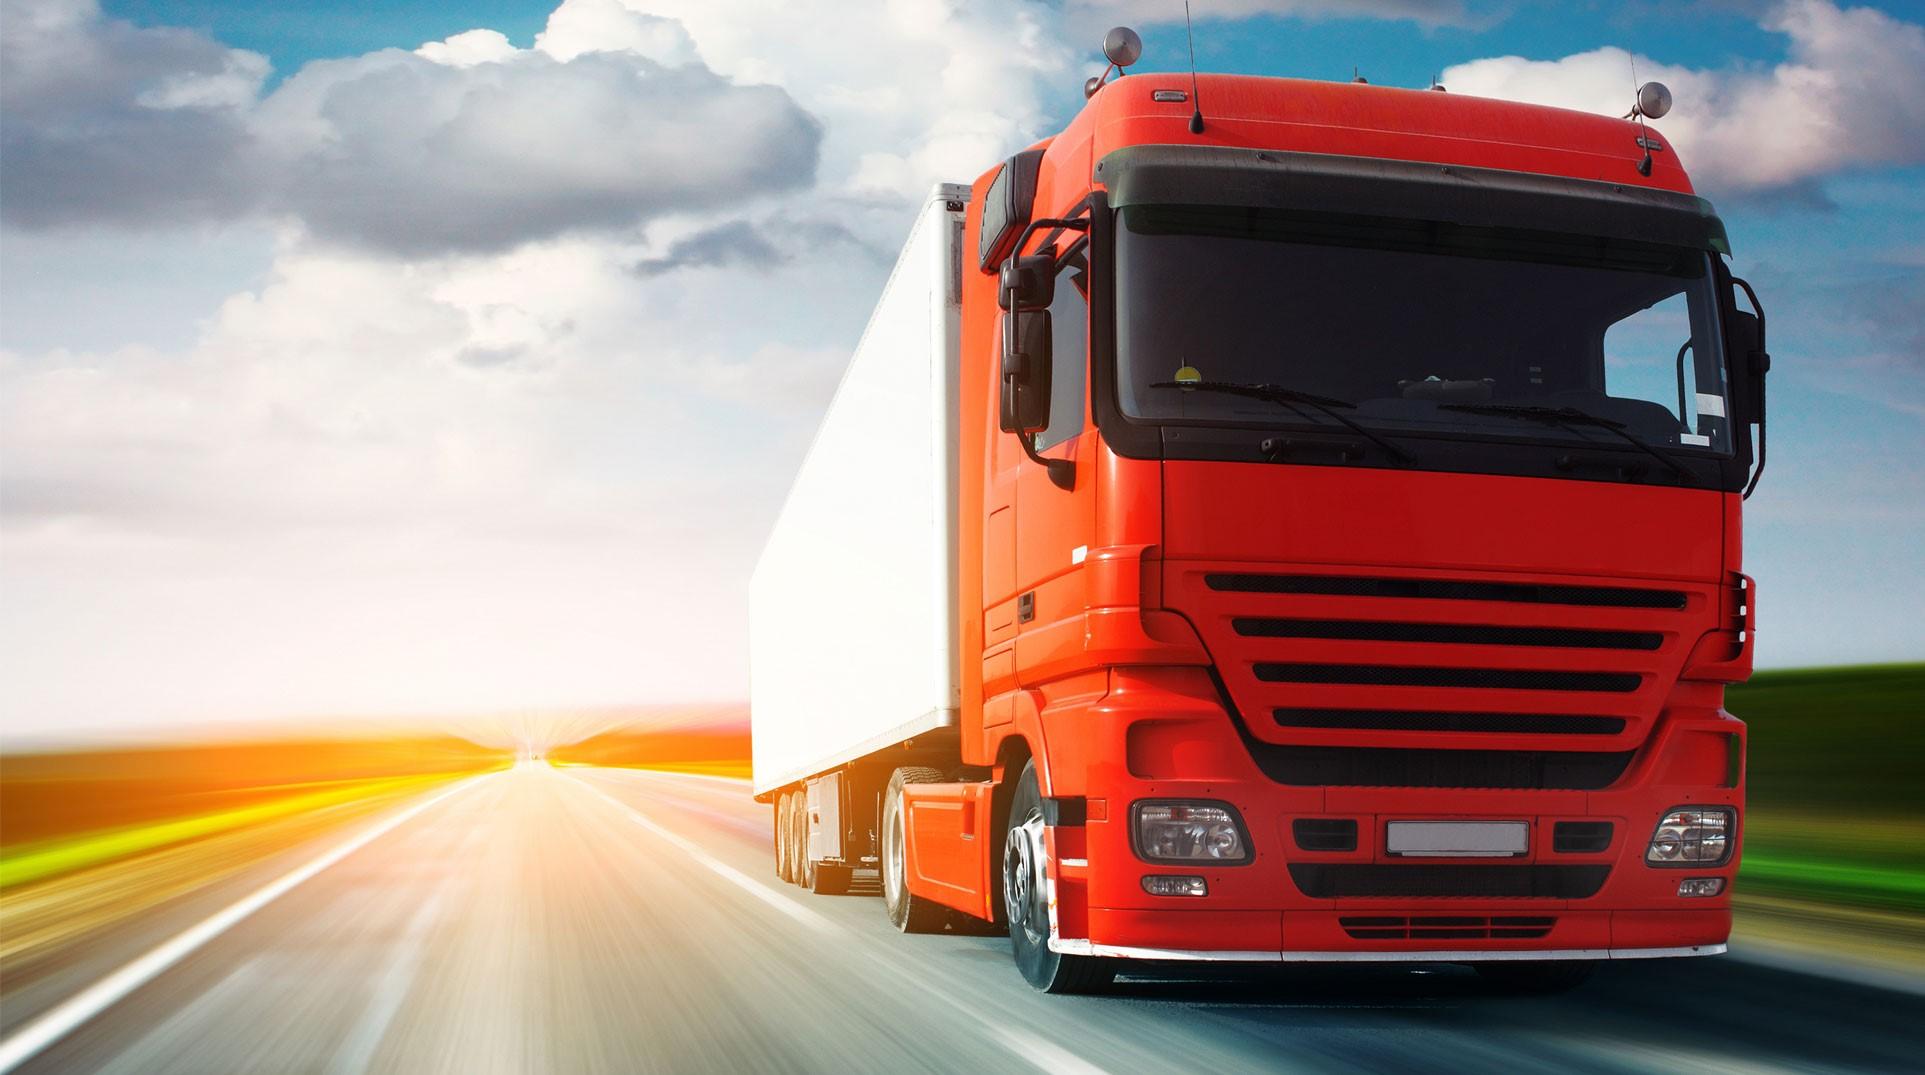 تفاوت های حمل و نقل ریلی و جاده ای